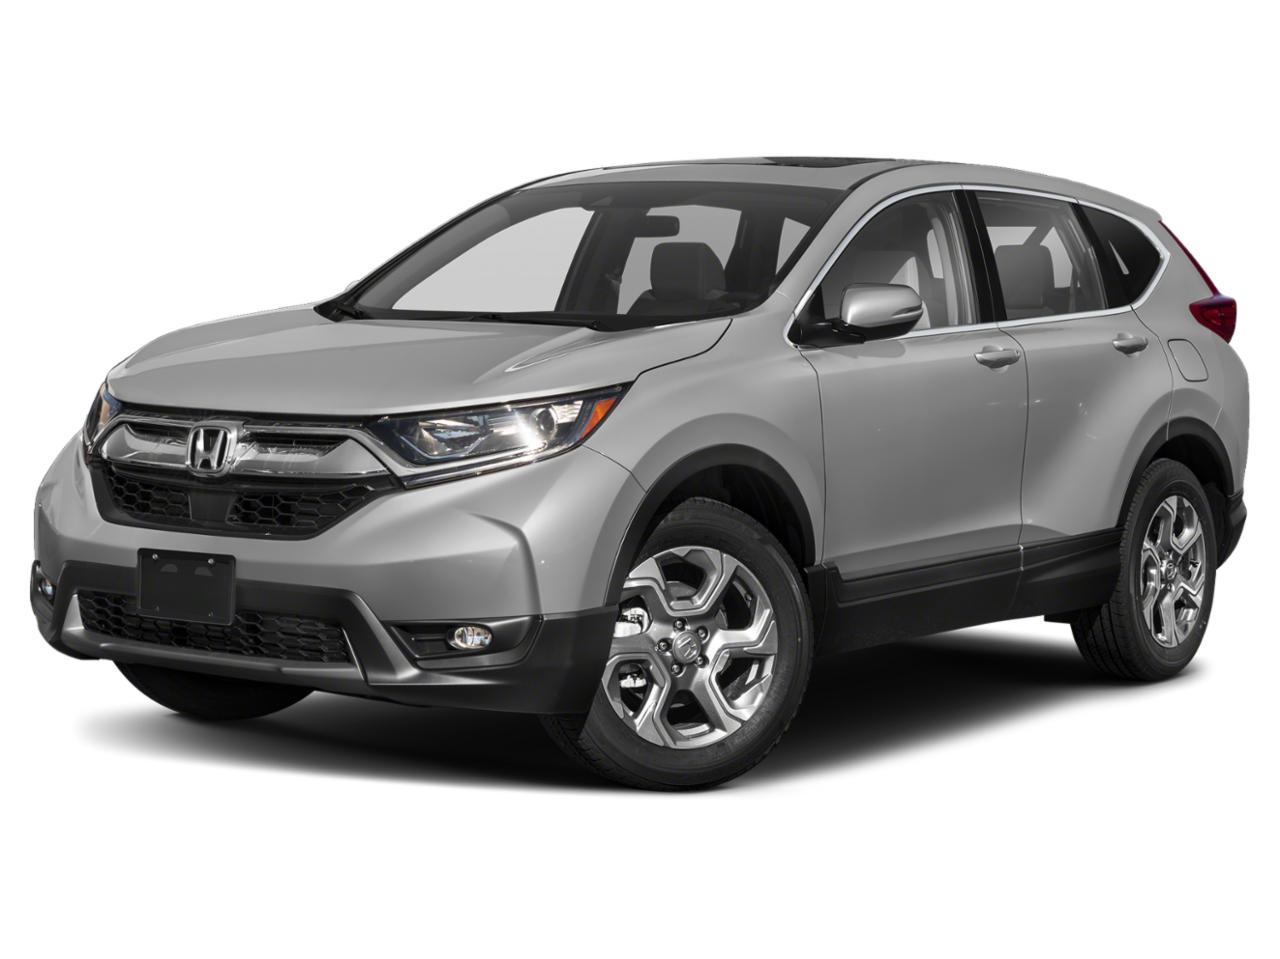 2019 Honda CR-V Vehicle Photo in Owensboro, KY 42302